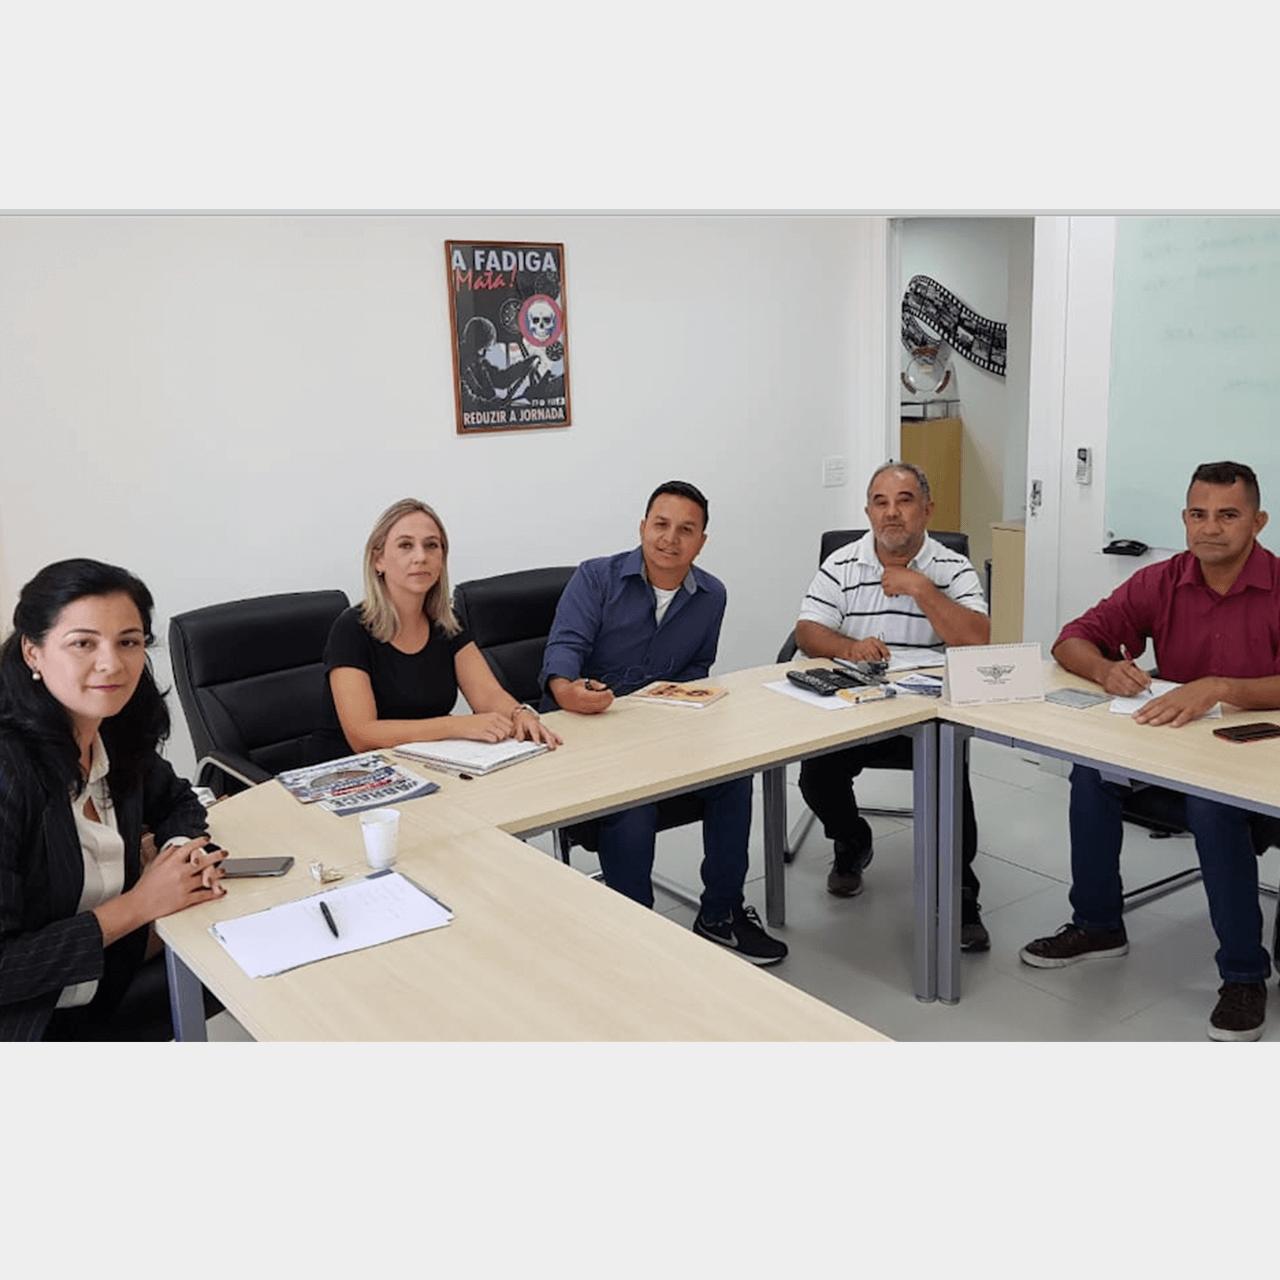 SNA (Sindicato Nacional dos Aeroviários) em reunião com a Passaredo, empresa aérea que se encontra em recuperação judicial e não paga salários e direitos trabalhistas dos funcionários e ex-funcionários.